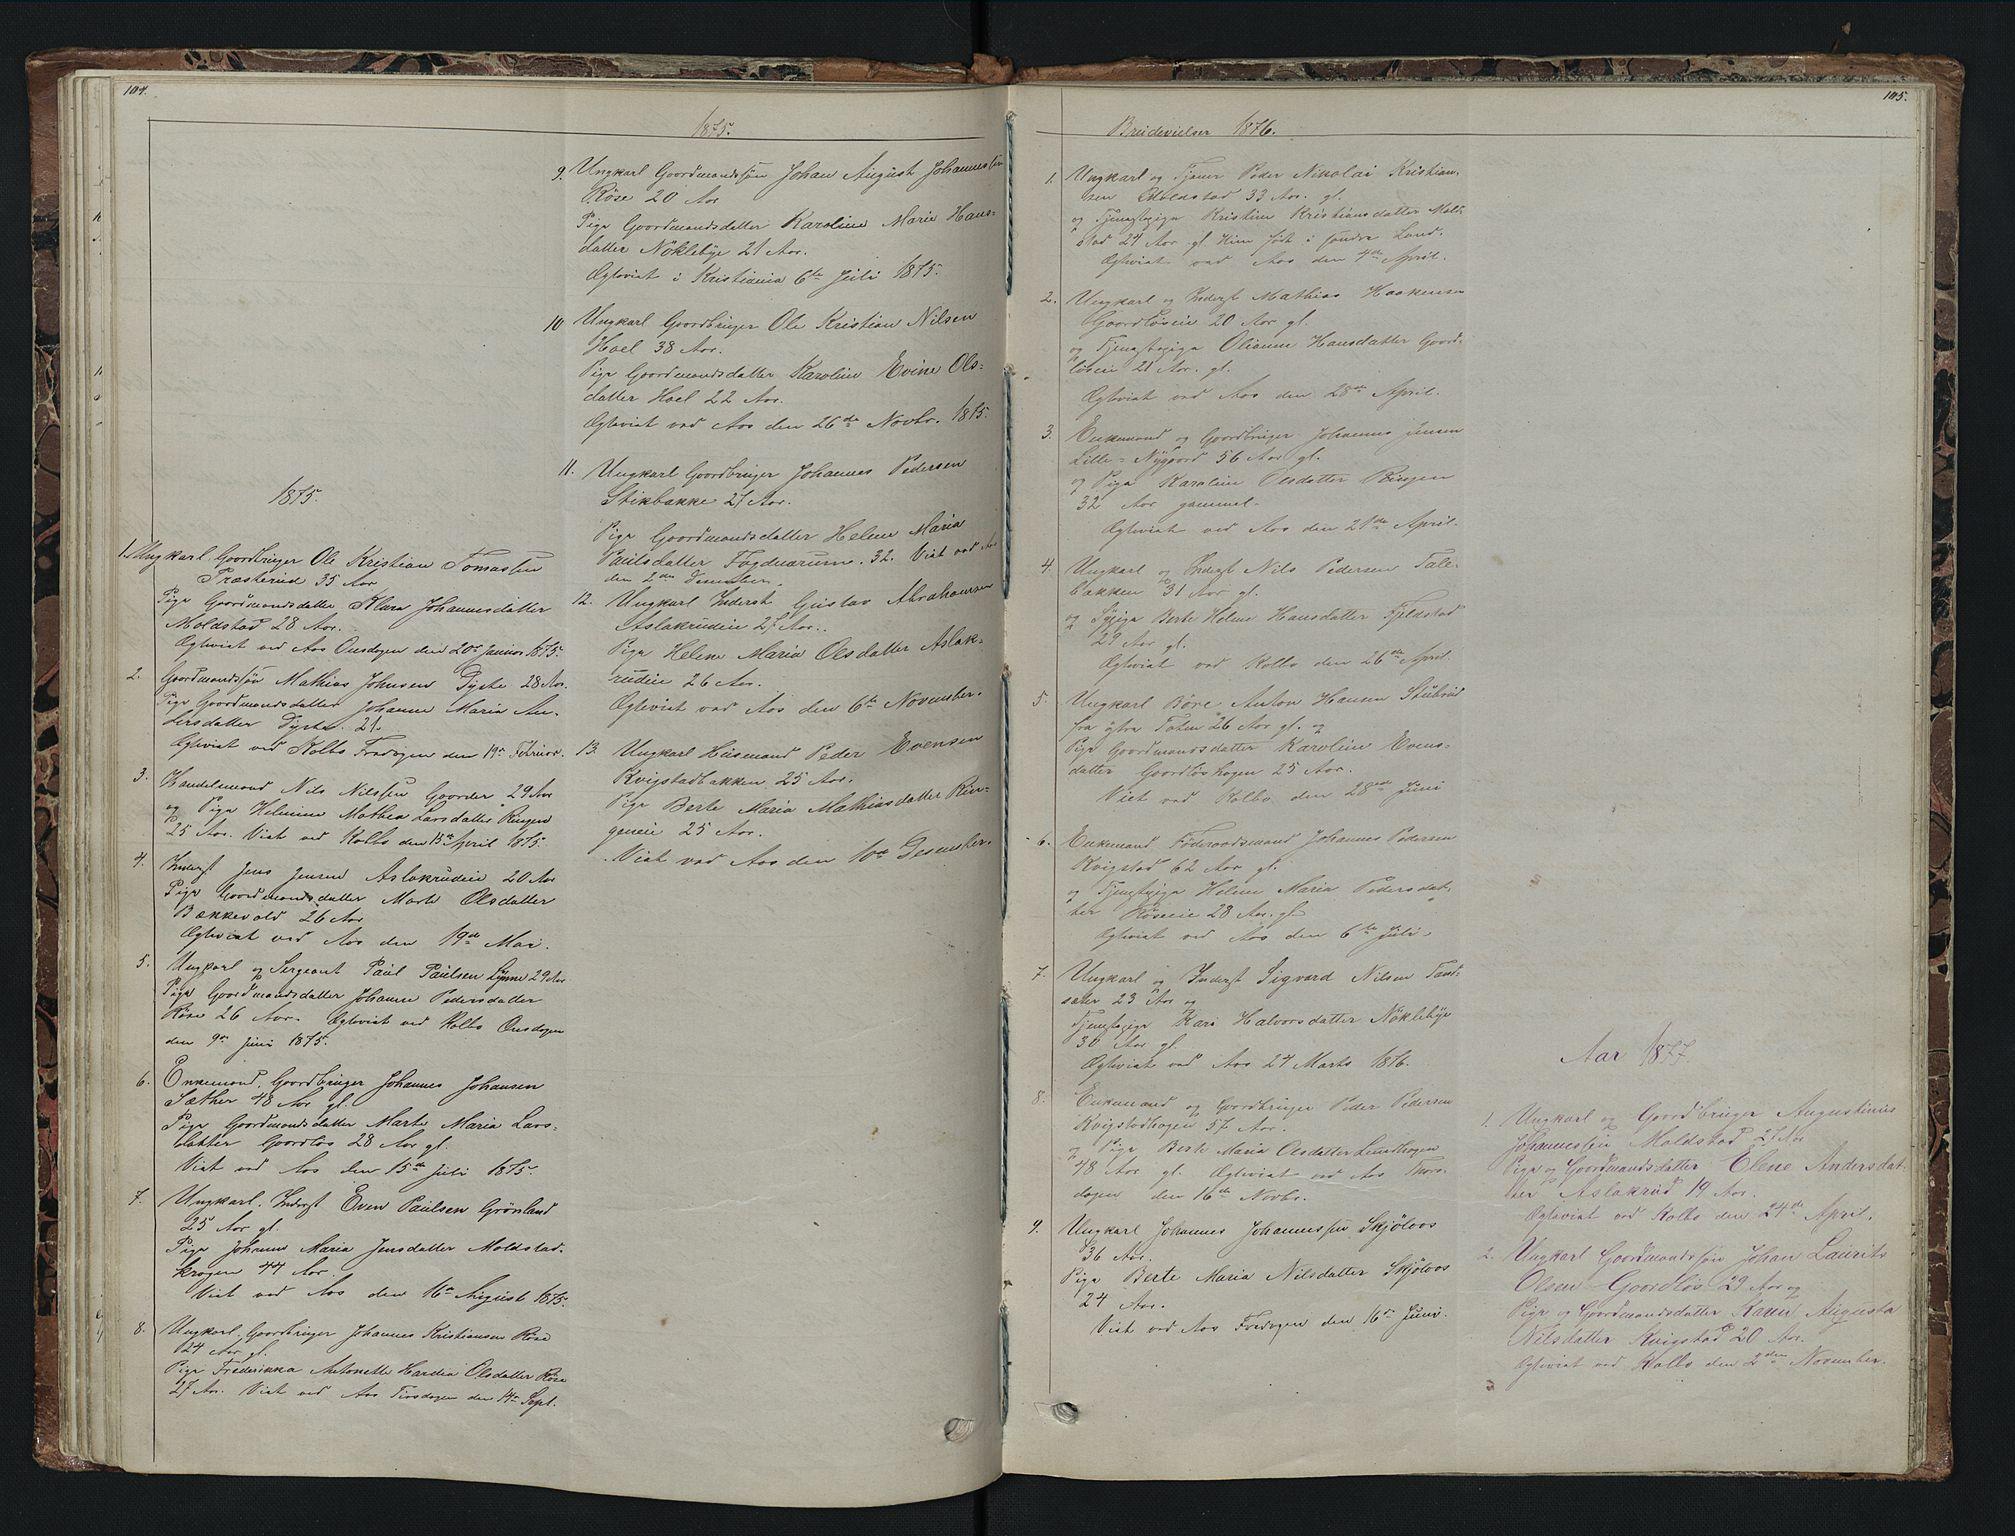 SAH, Vestre Toten prestekontor, Klokkerbok nr. 7, 1872-1900, s. 104-105